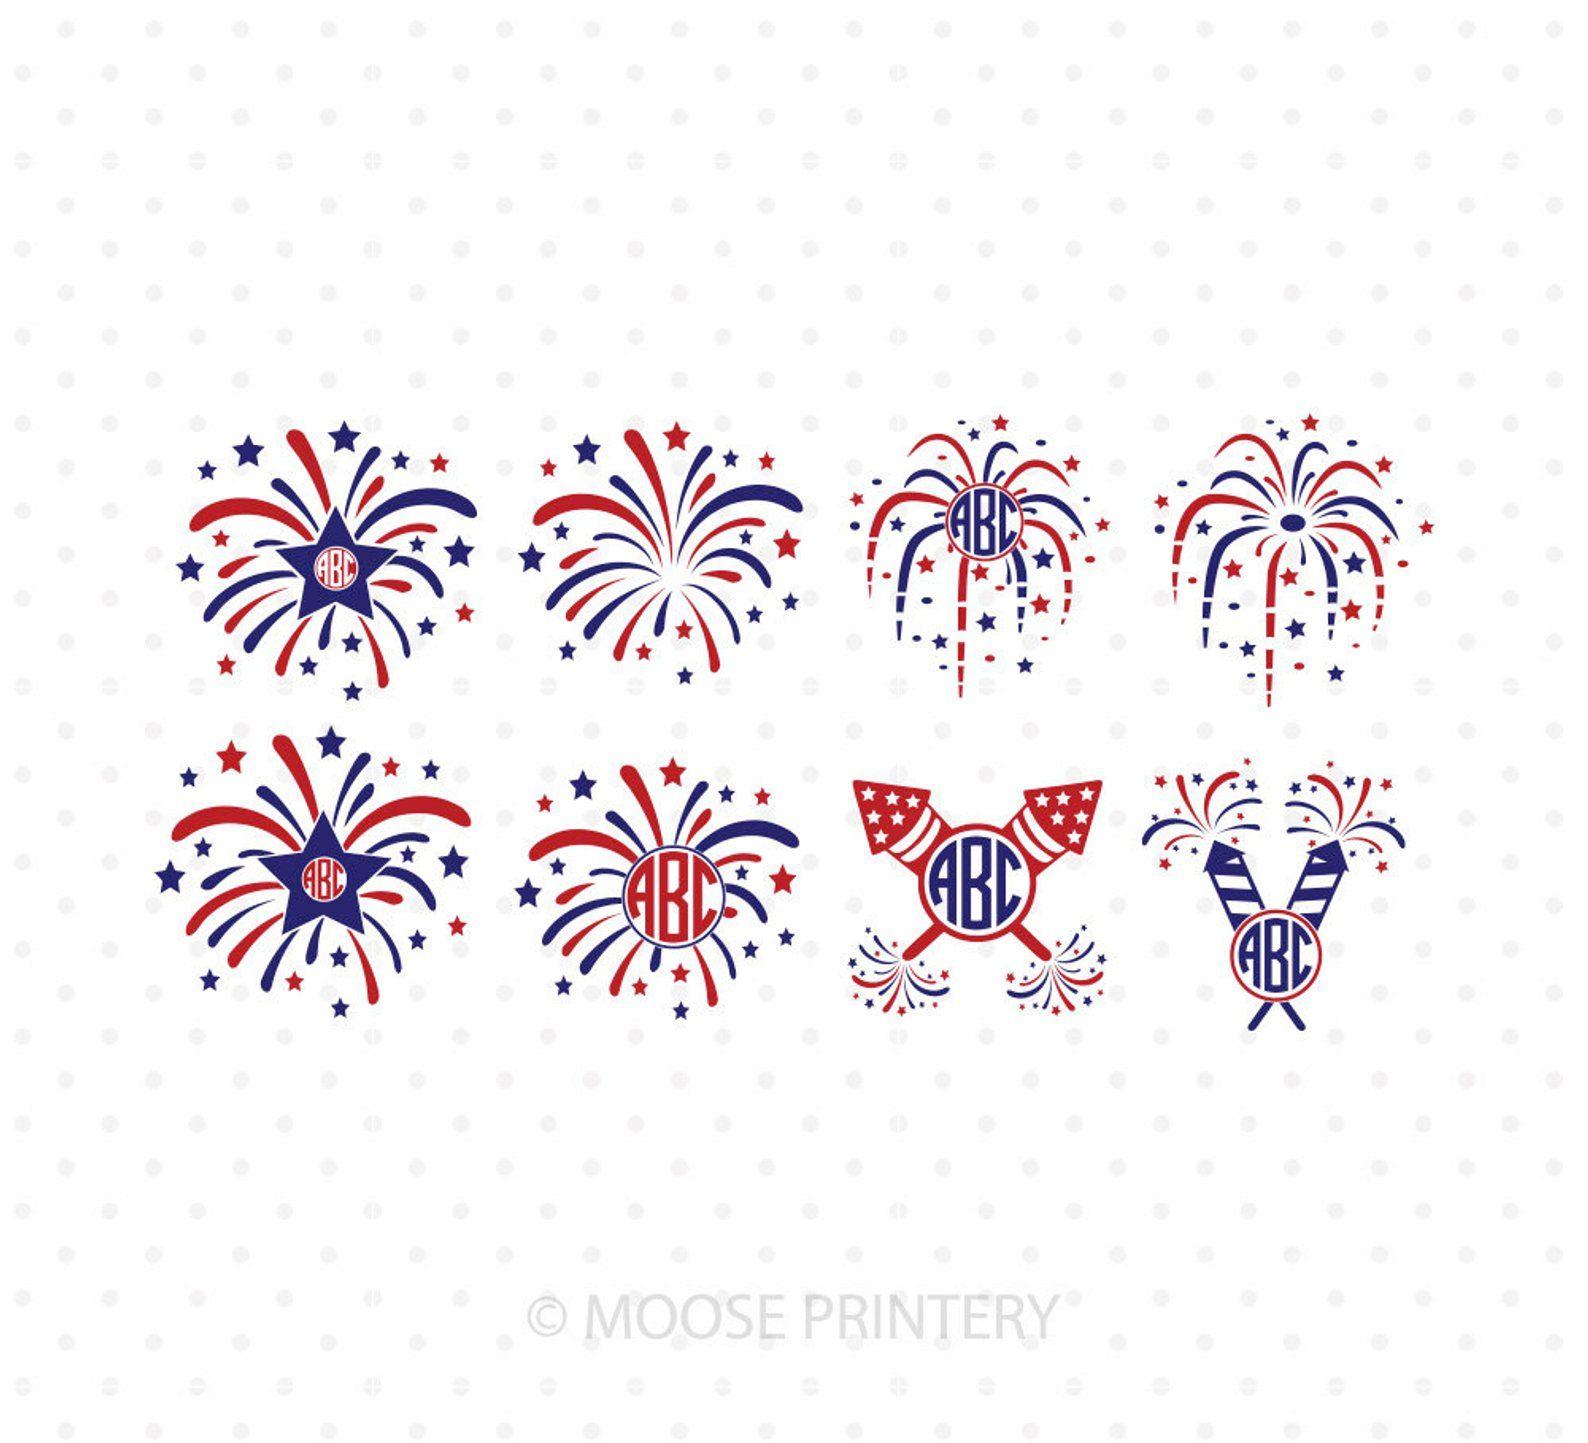 Fireworks Svg Files 4th Of July Svg Firecracker Monogram Svg Independence Day Patriotic Svg Files For Cricut Silhouette Svg Files Fireworks Svg 4th Of July Fireworks Circle Monogram Font